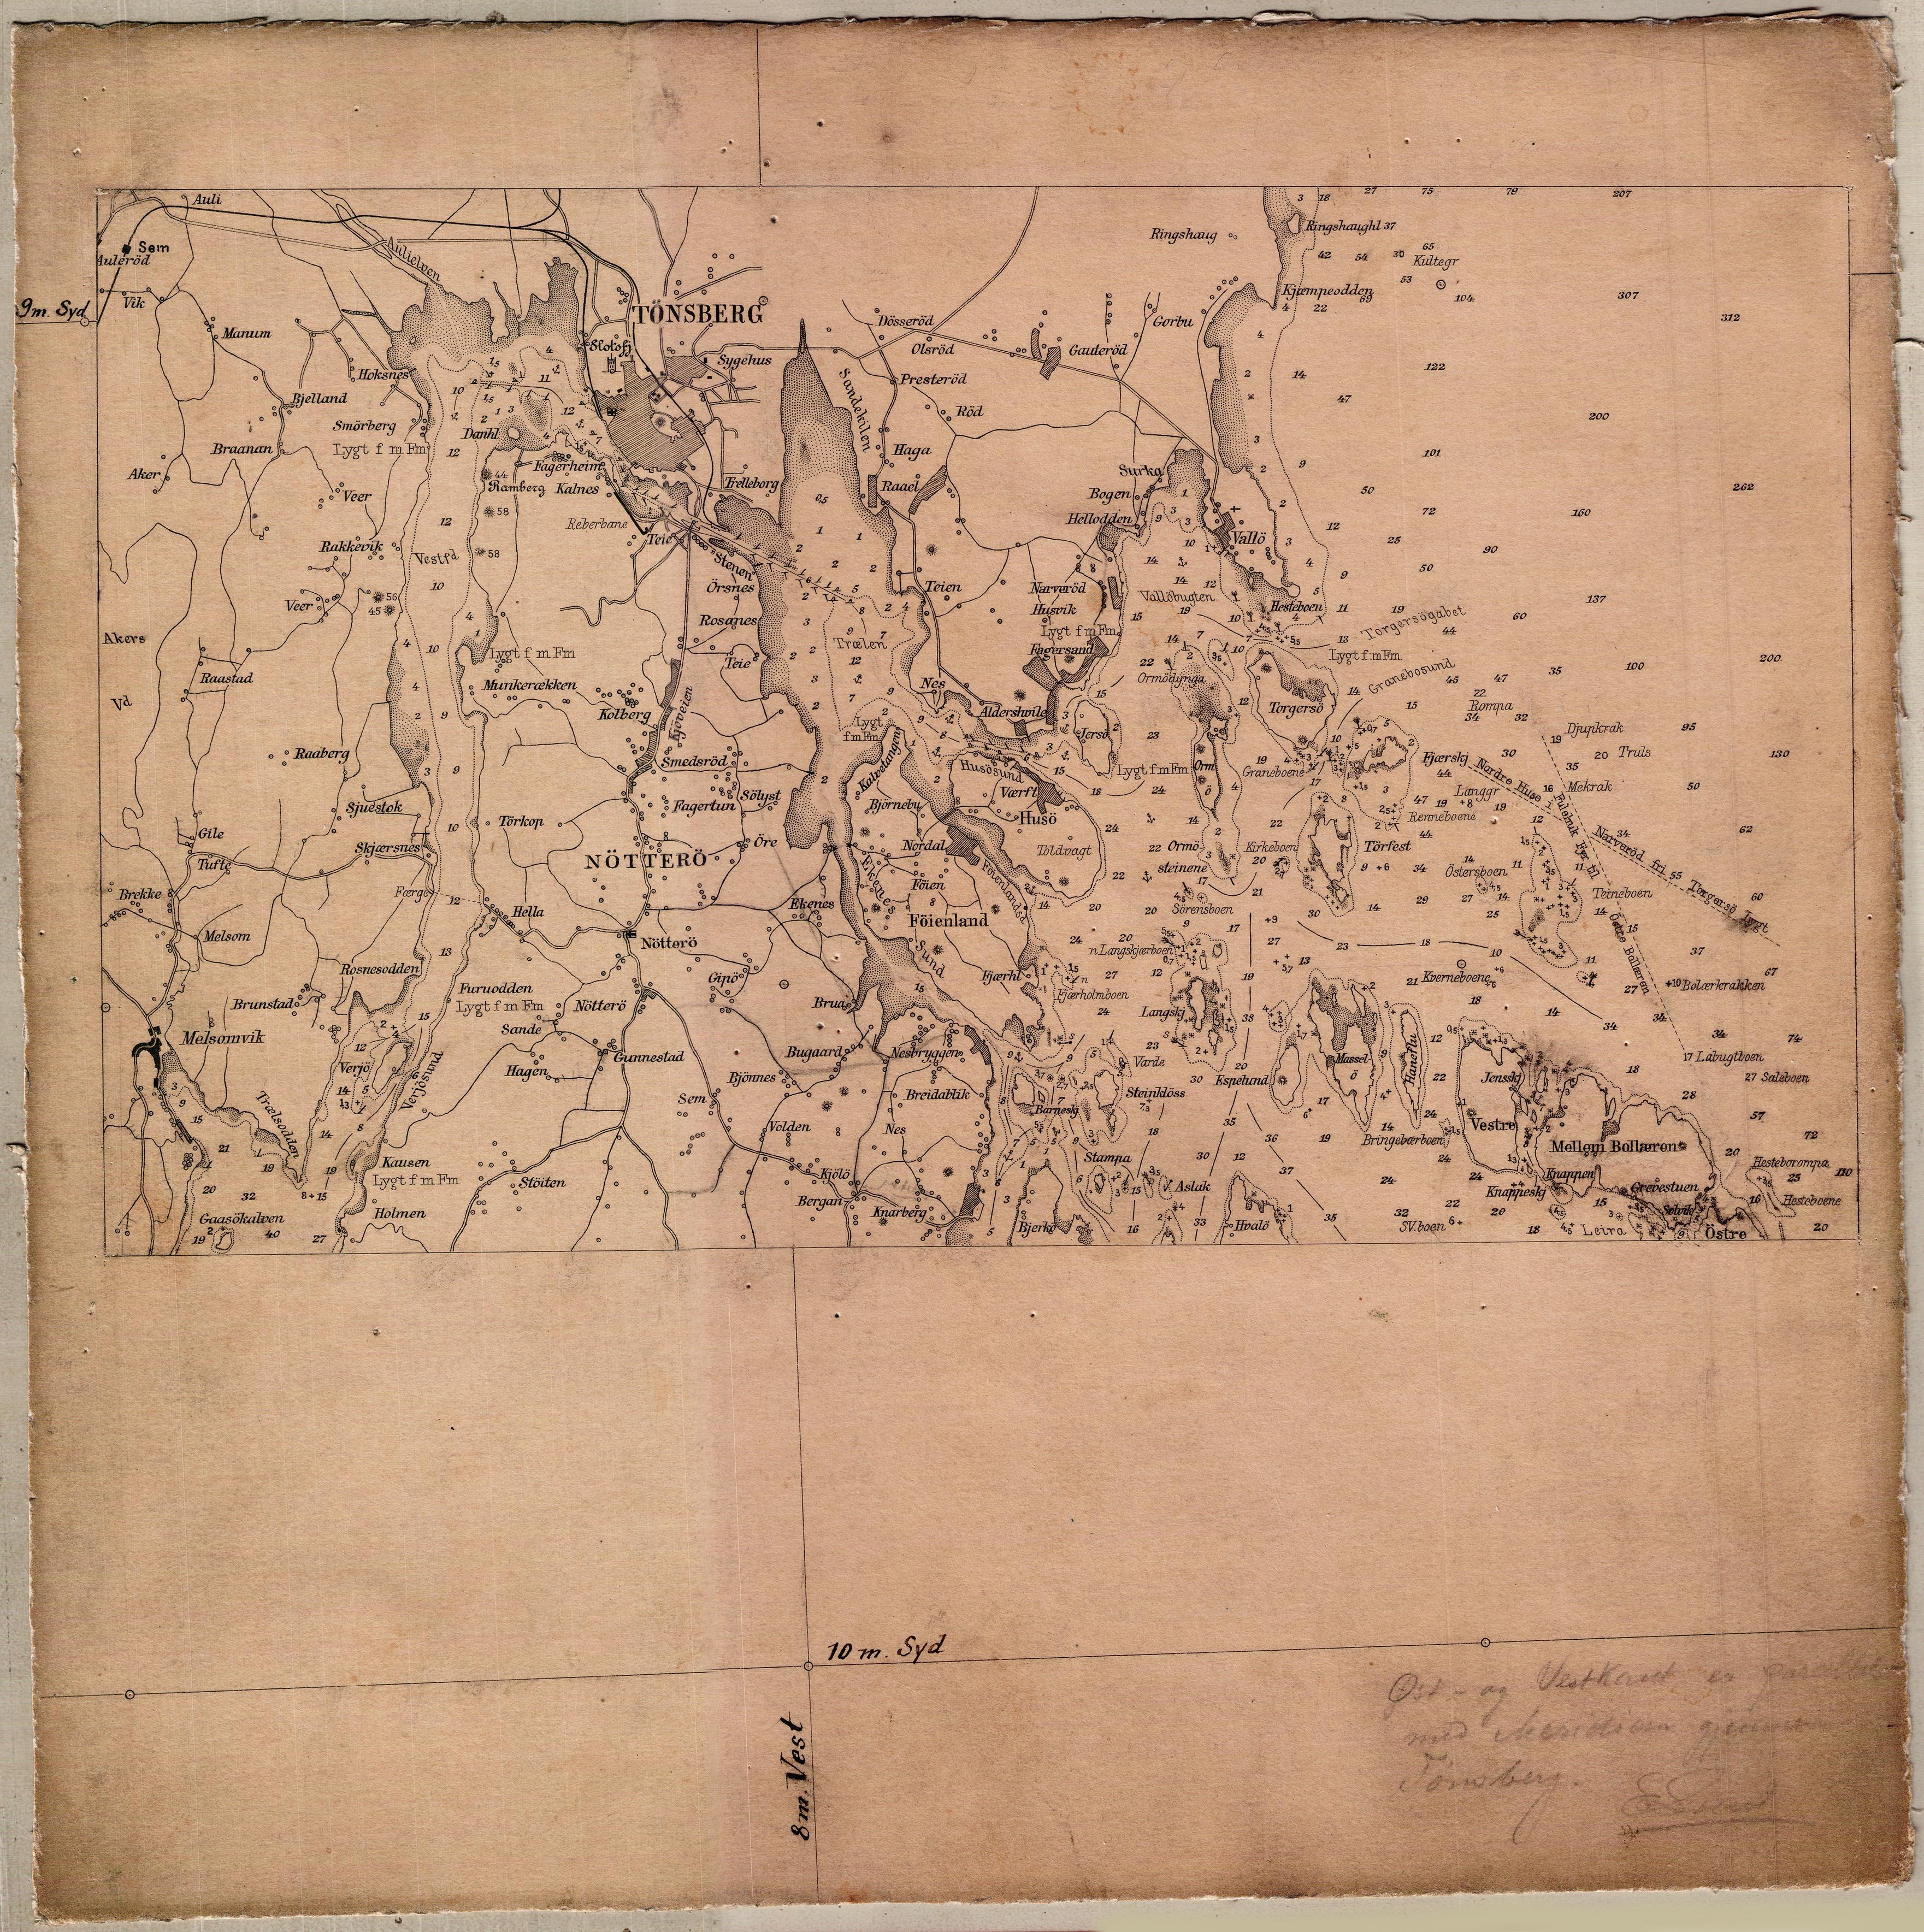 kart kyst File:Kart over Tønsberg, veier og kyst.png   Wikimedia Commons kart kyst